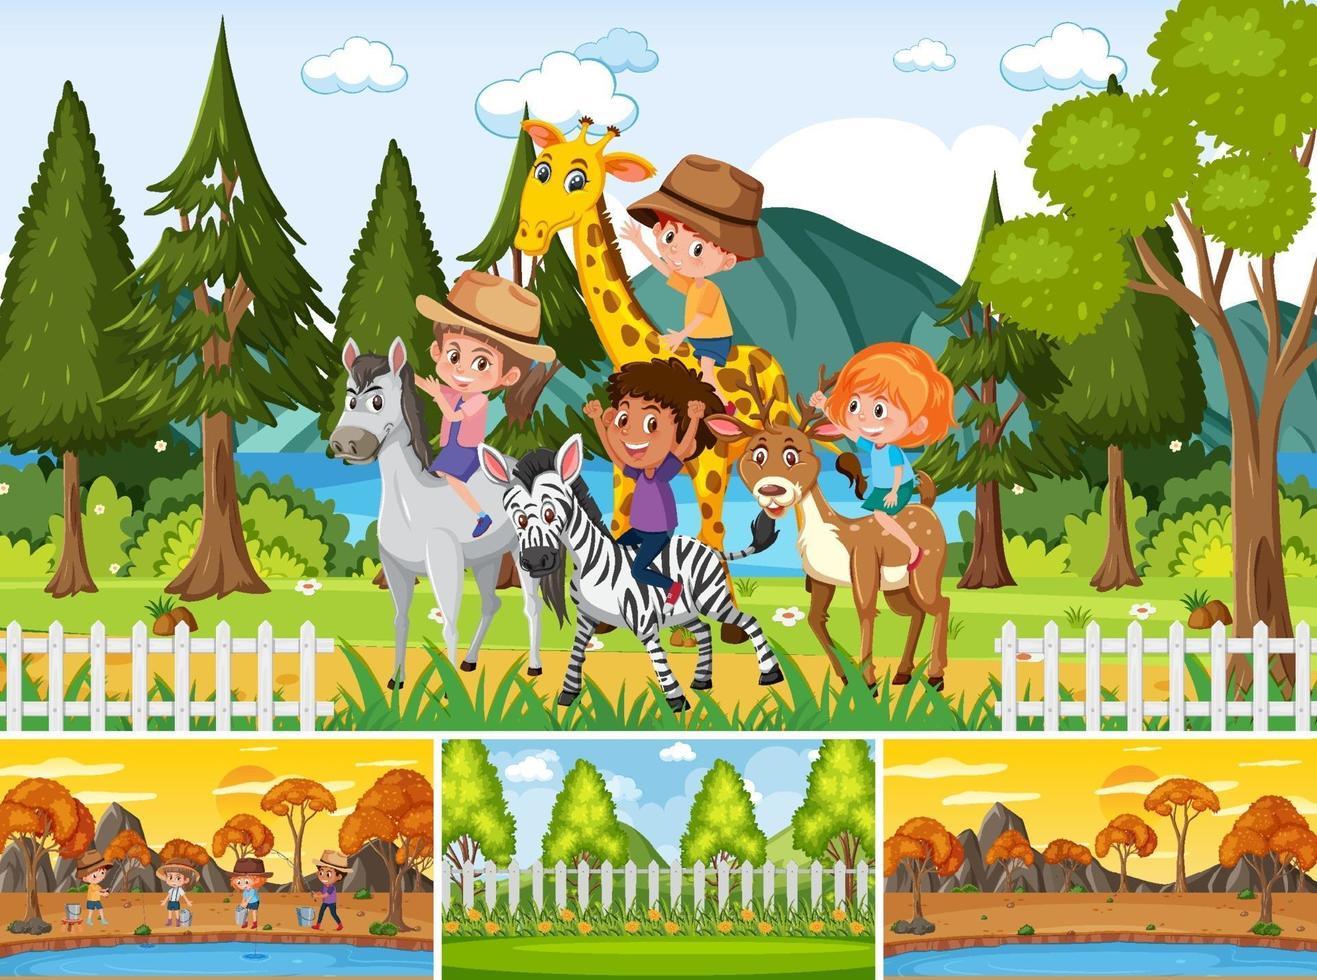 quatro cenas diferentes com personagens de desenhos animados infantis vetor